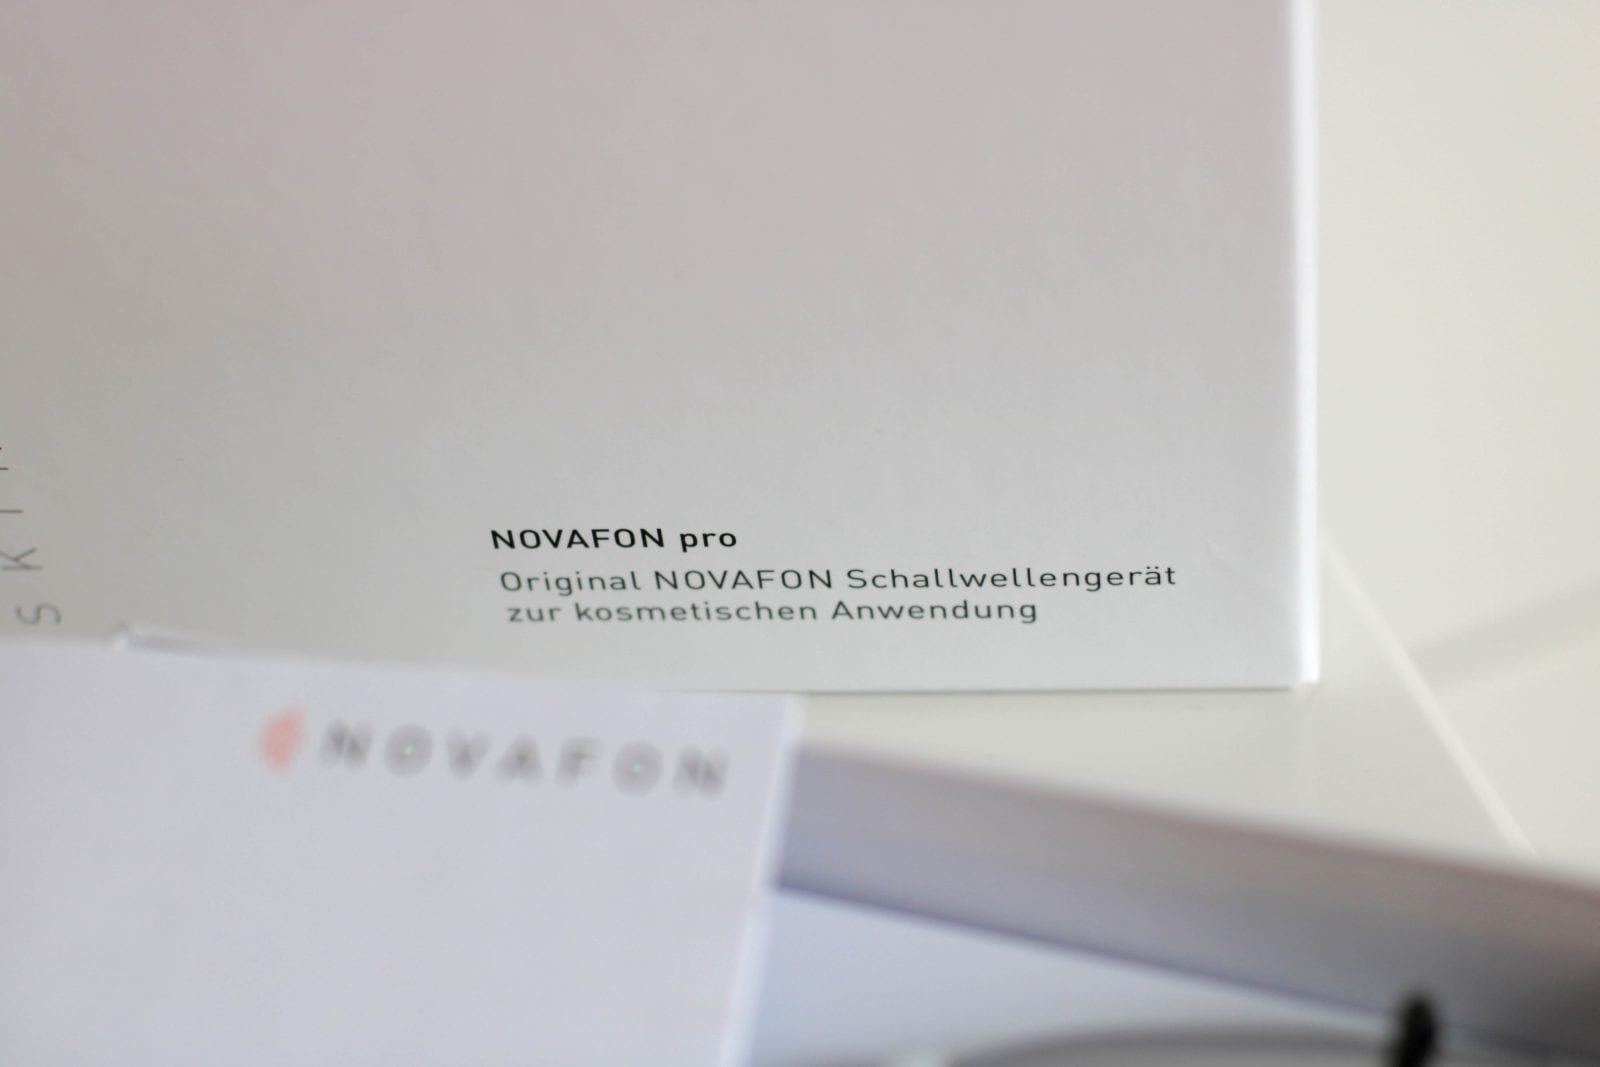 Novafon SKINOLOGY